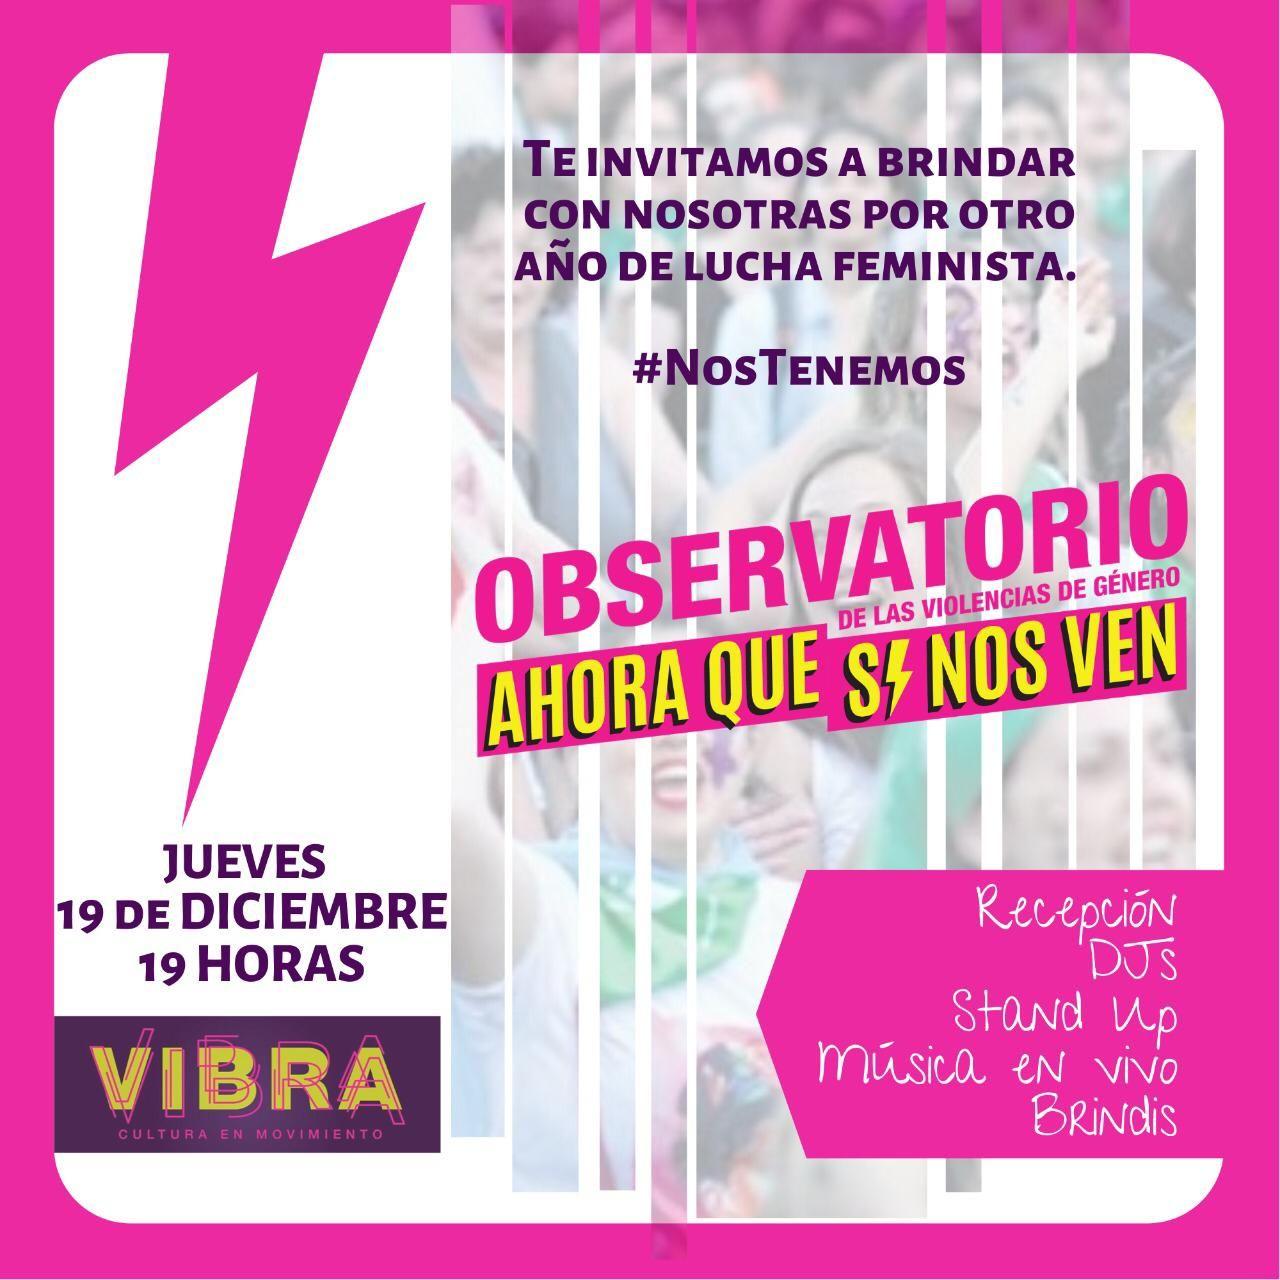 invitacion brindis en Vibra un rayo rosa con mujeres saltando